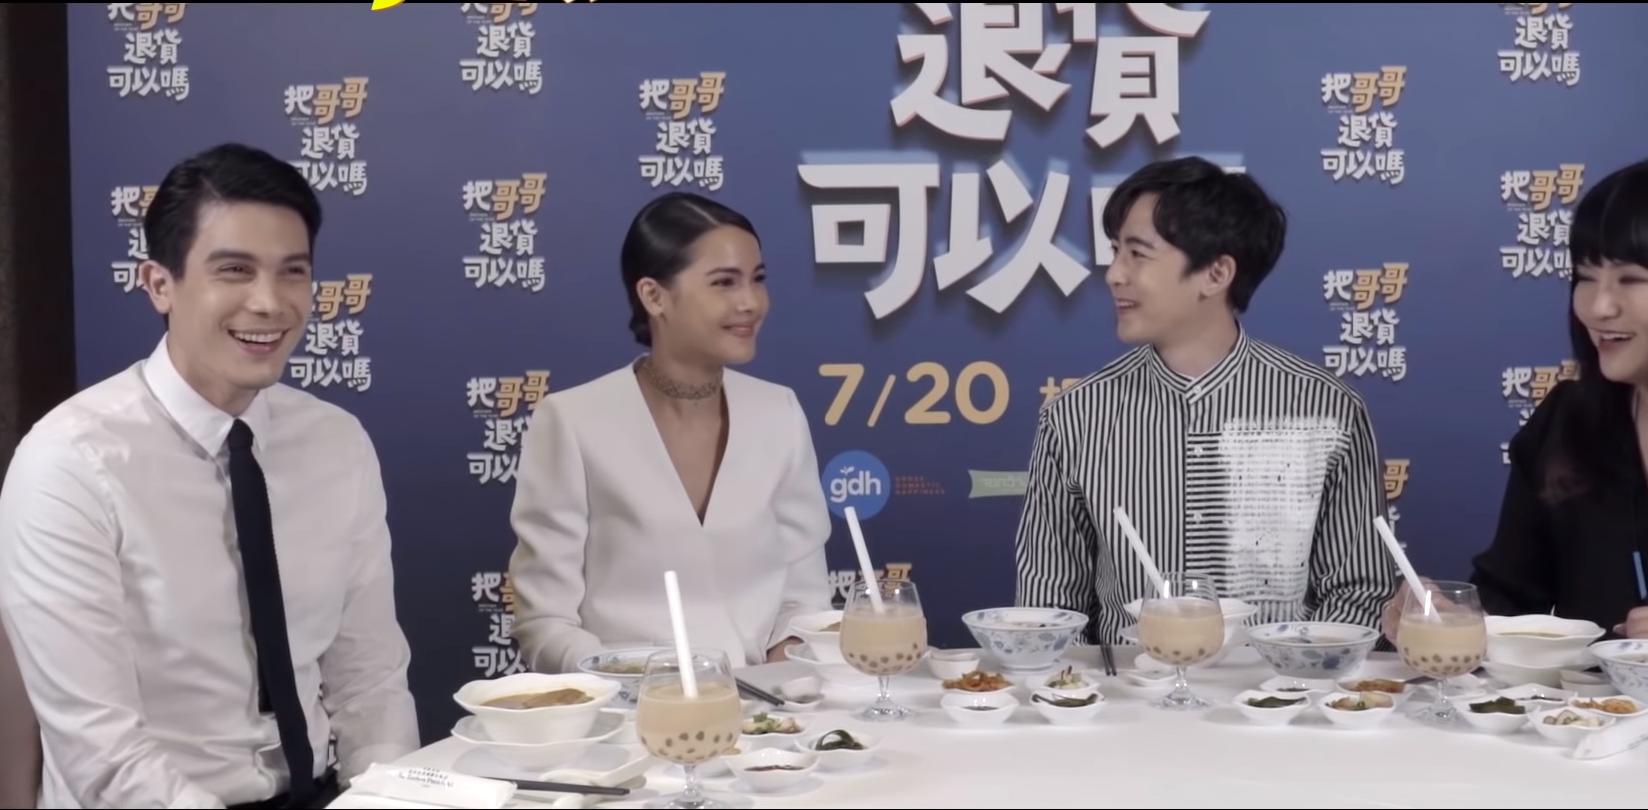 唐綺陽準備了許多台灣小吃招待三位主演,Yaya表示她最愛的是豆花。(翻攝自youtube)